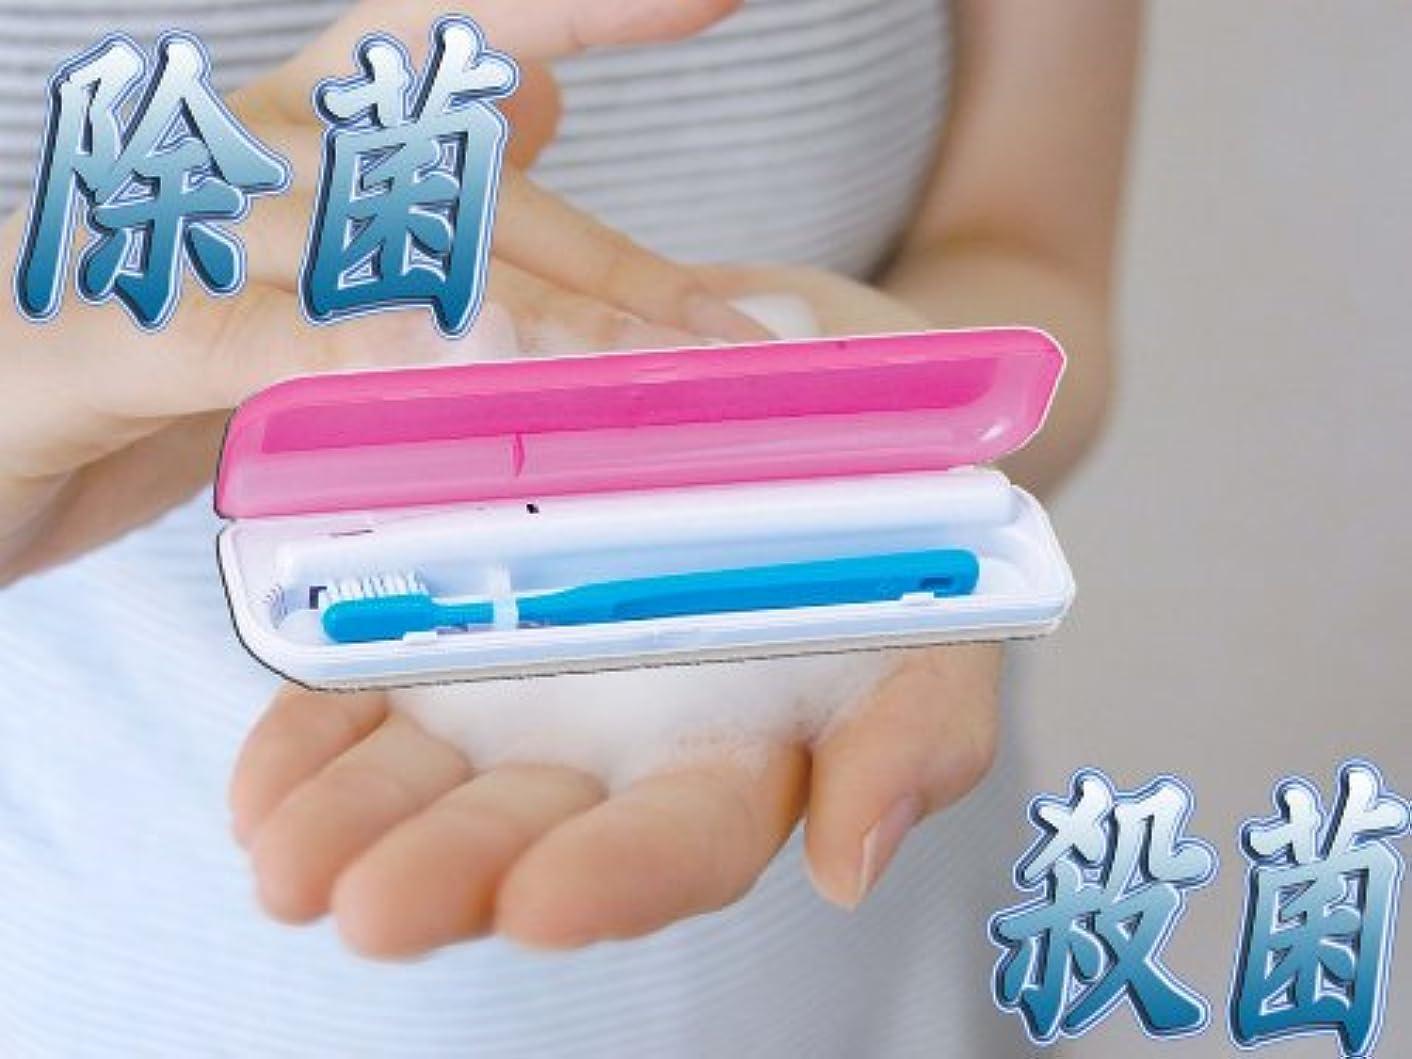 メッセージ兄発音する歯ブラシの隅々まで殺菌&除菌!! 除菌歯ブラシ 携帯ケース 電池式 15408